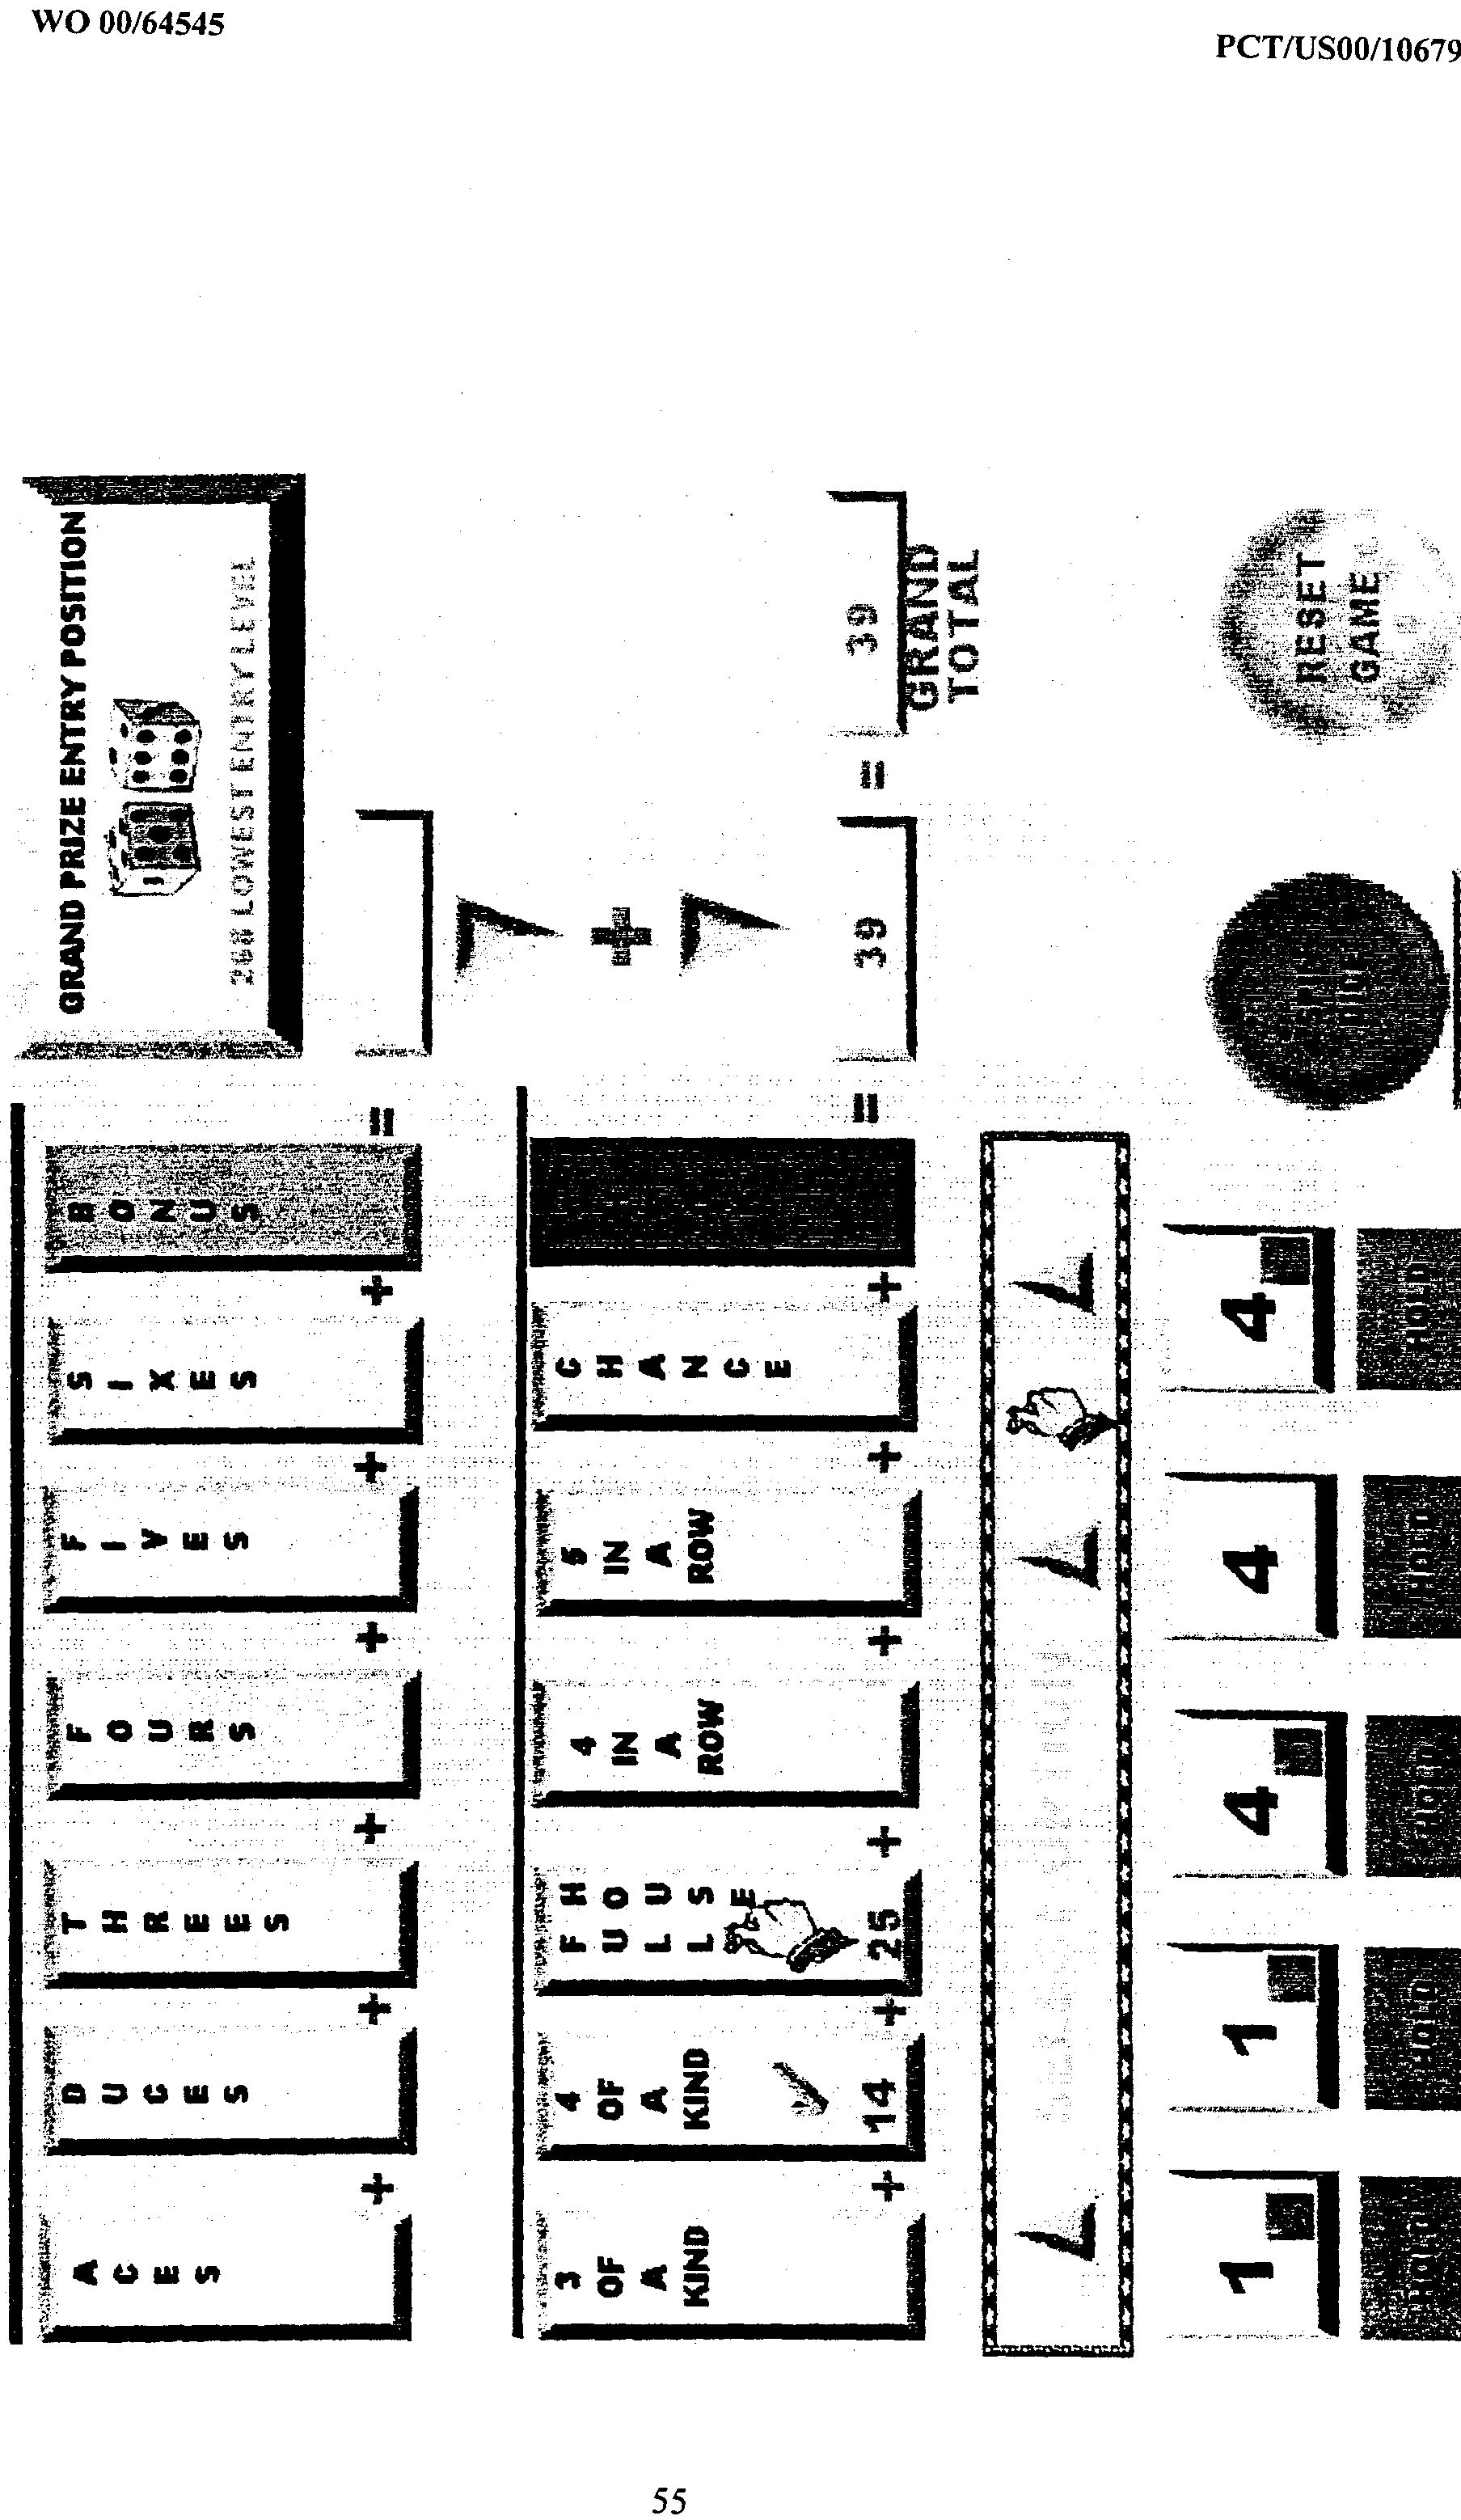 Figure imgf000057_0002